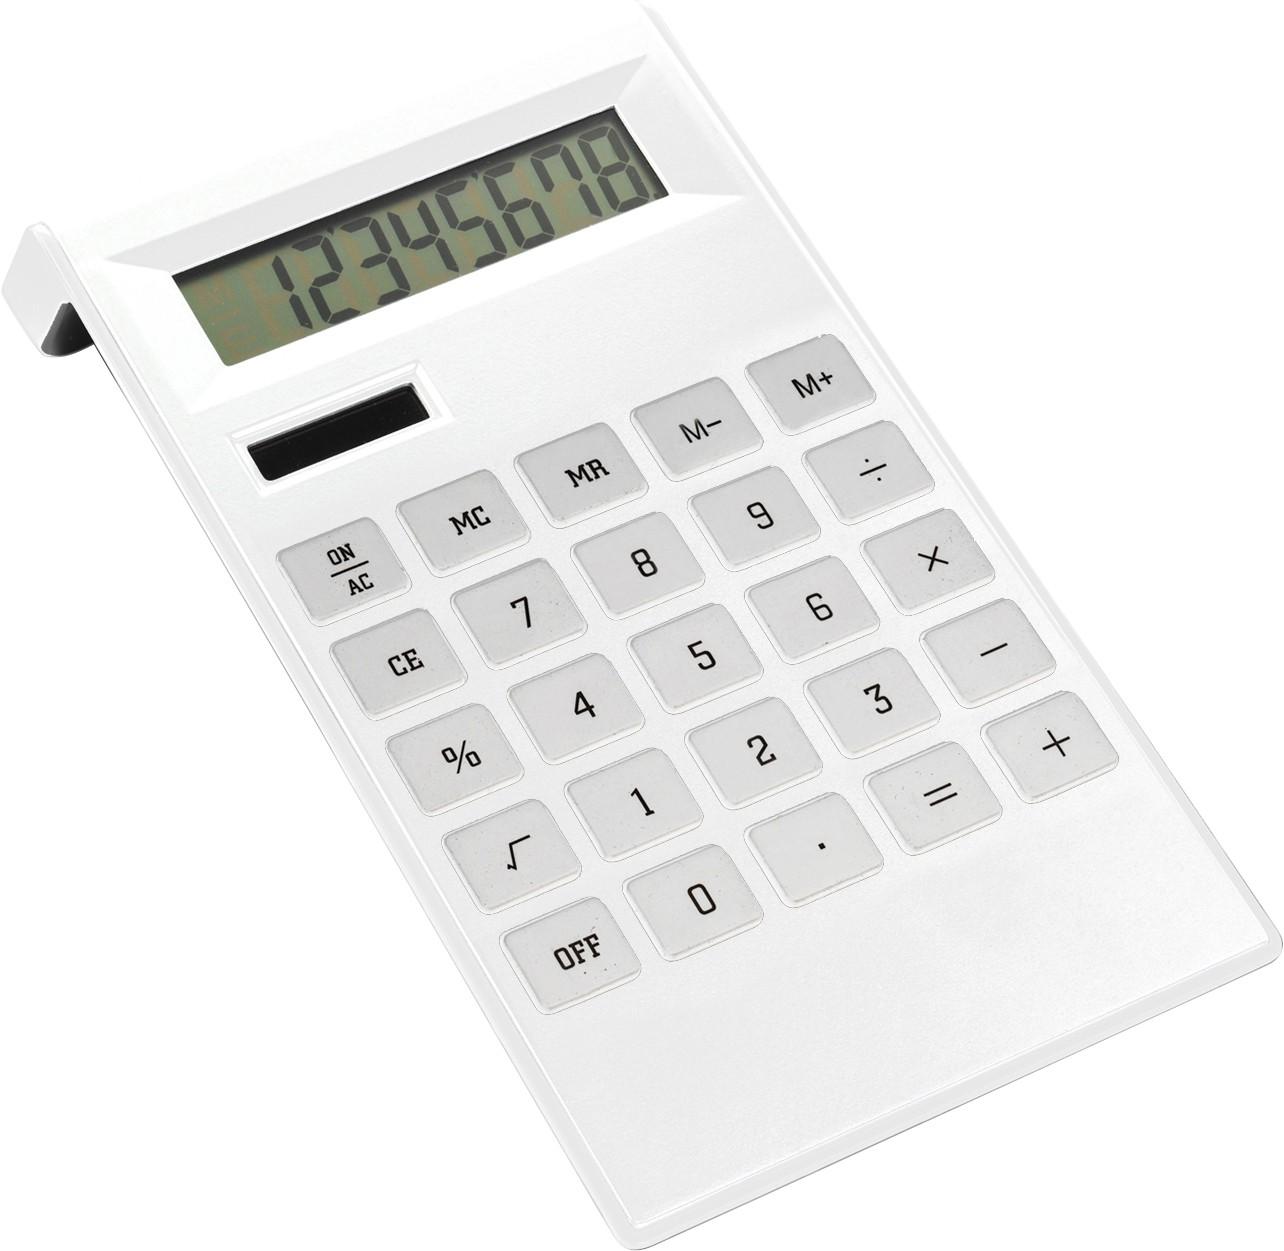 logózott számológép